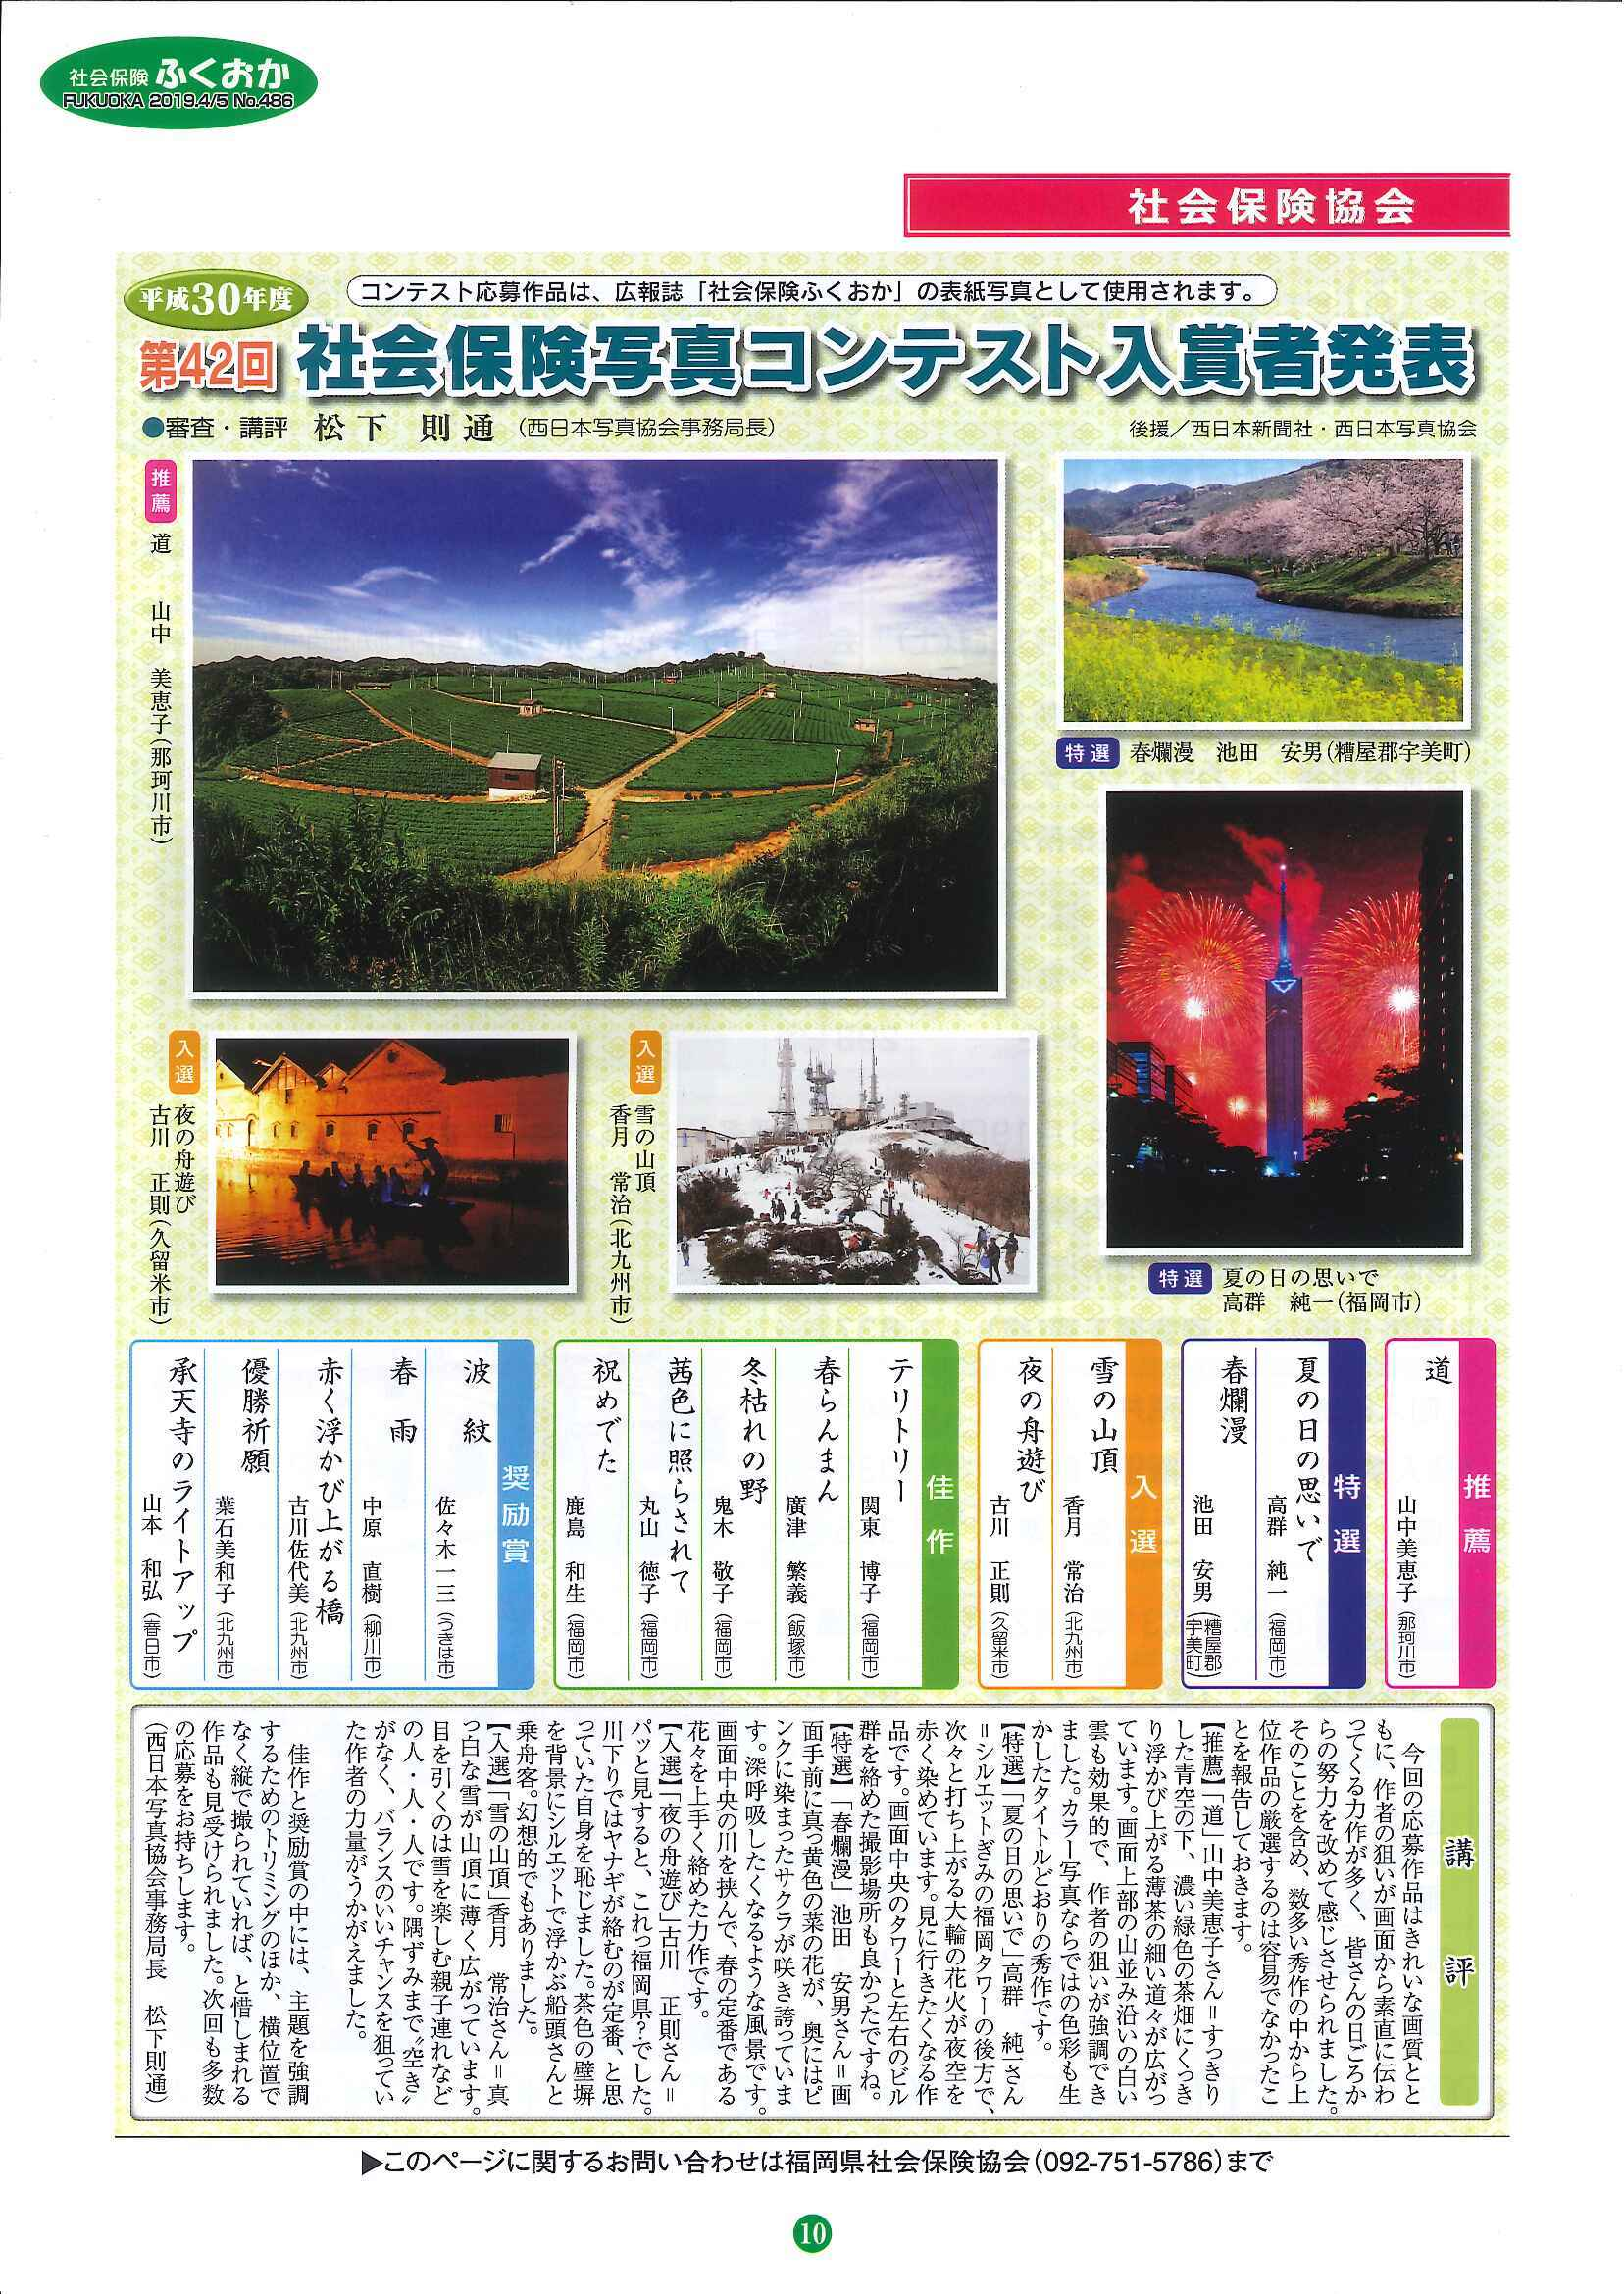 社会保険 ふくおか 2019年4・5月号_f0120774_15091386.jpg